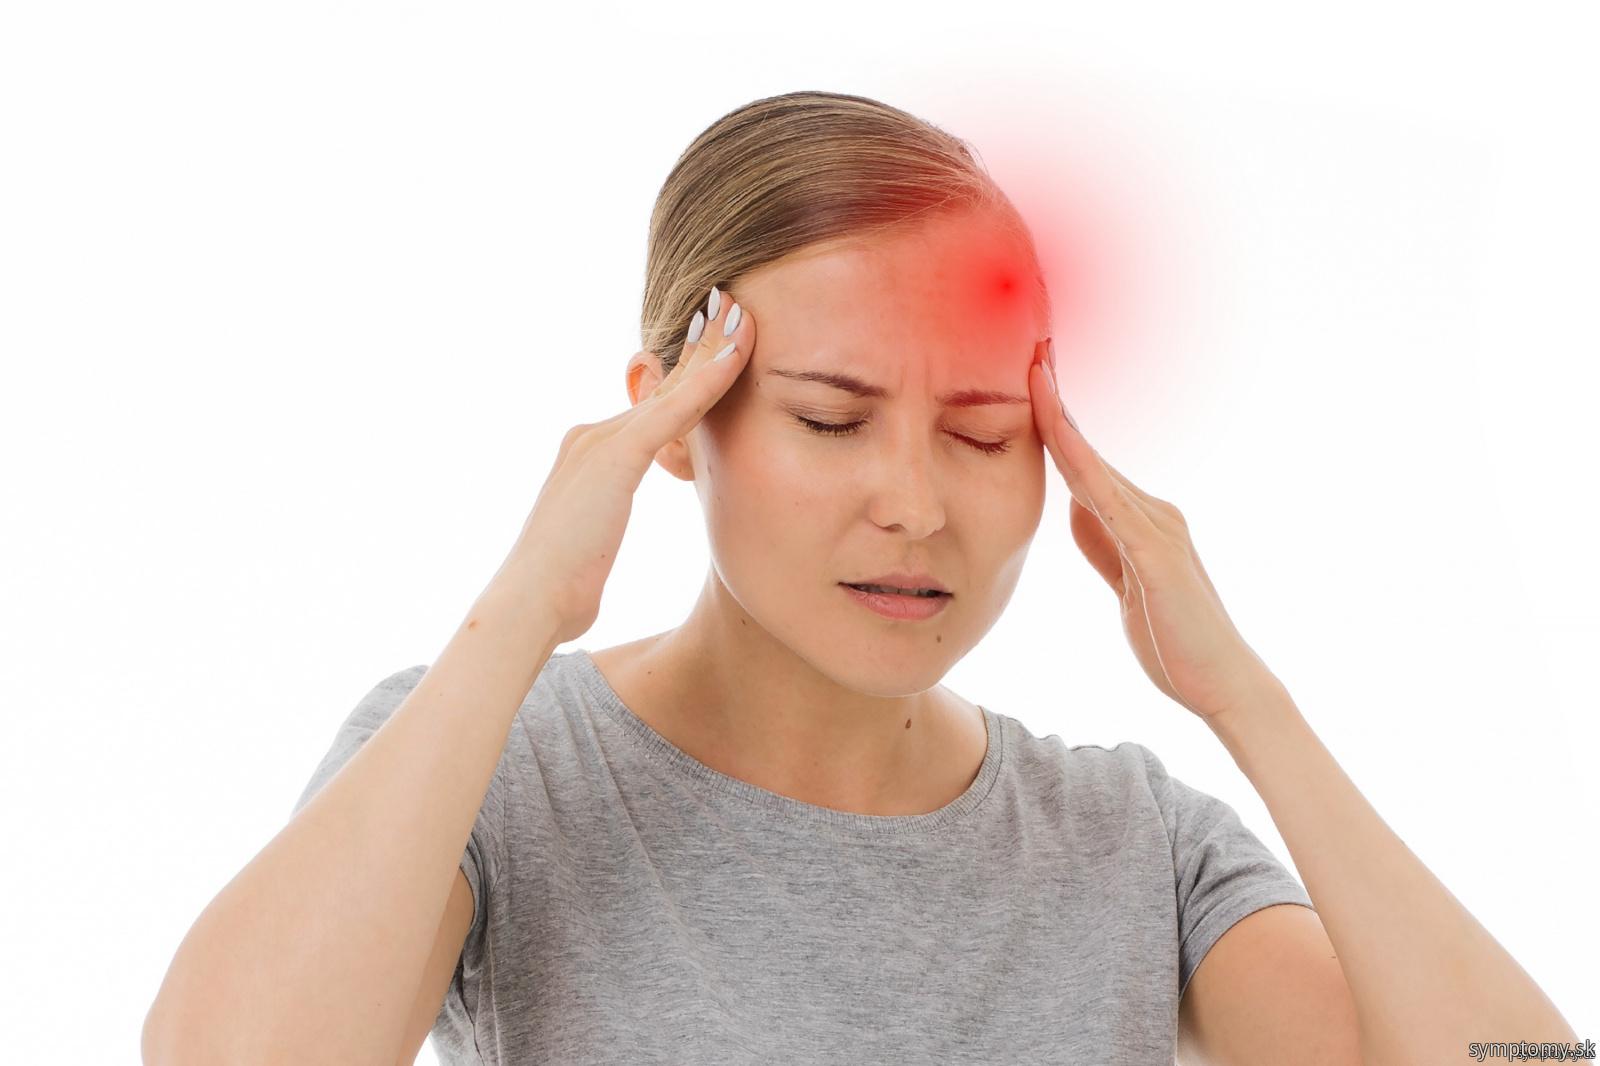 Mozgová aneuryzma - bolesť hlavy